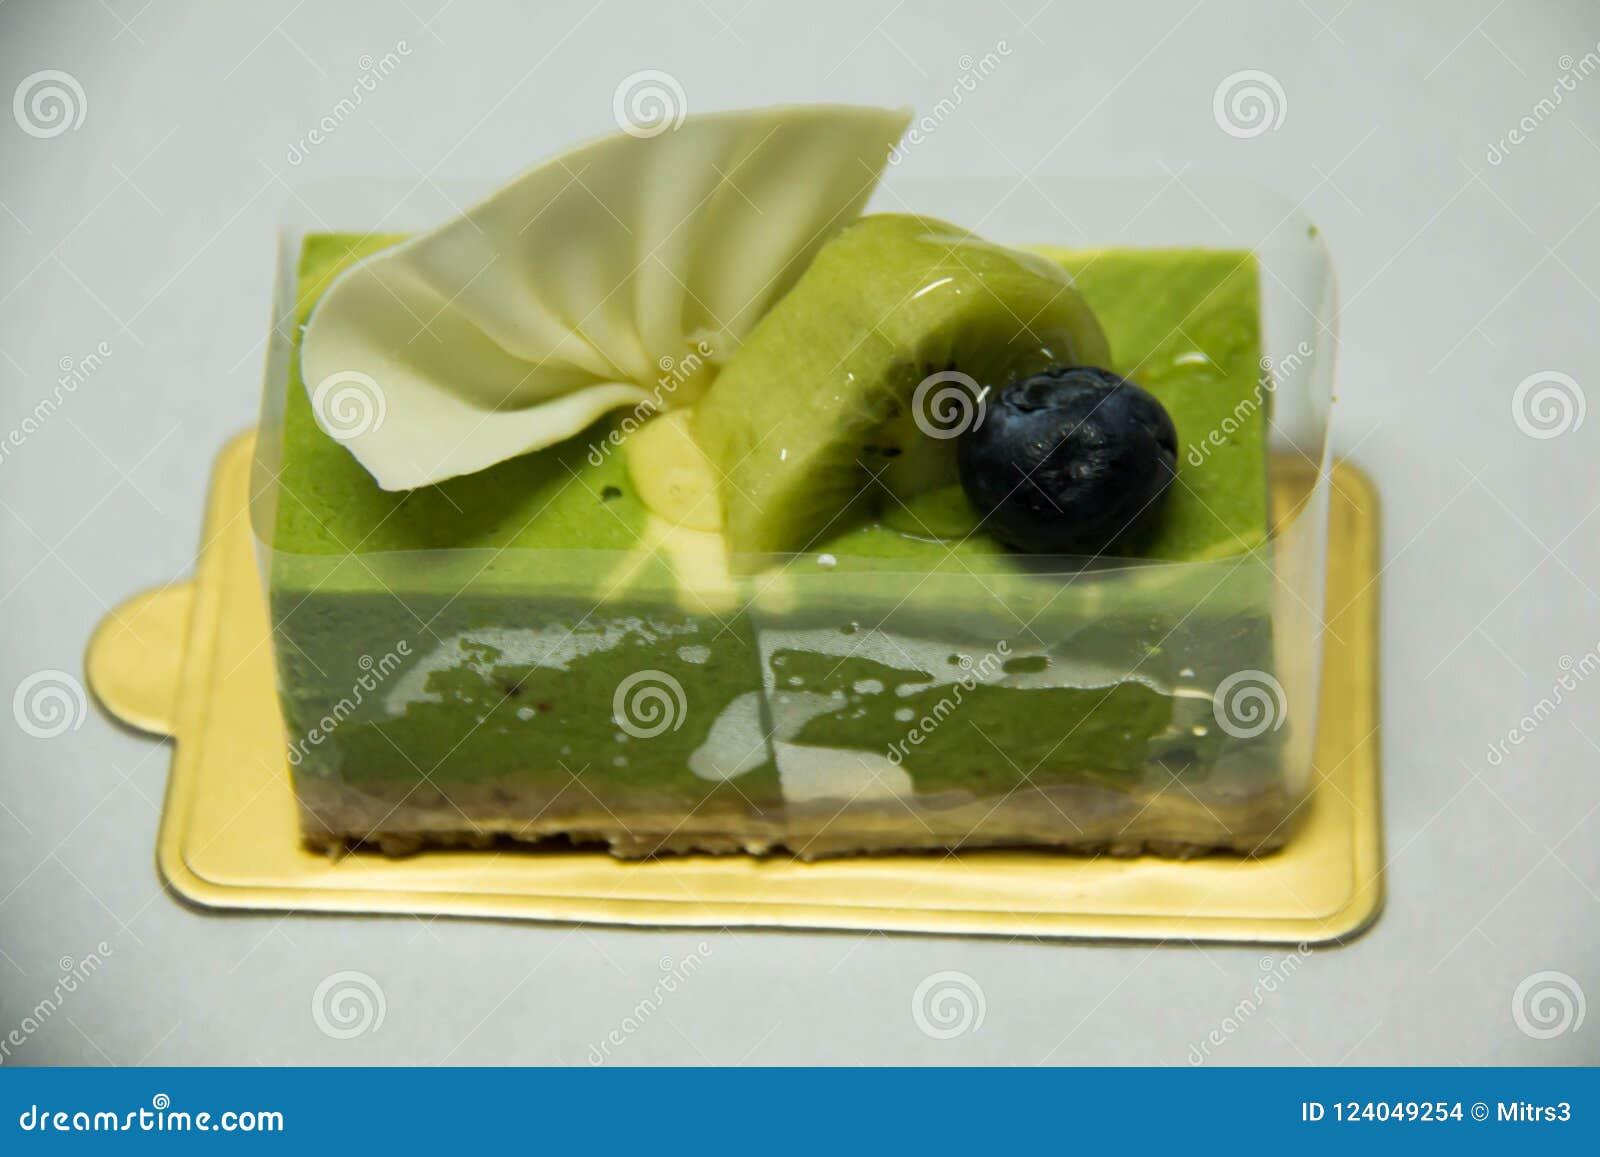 Zielonej herbaty cheesecake Tradycyjny, smakowity